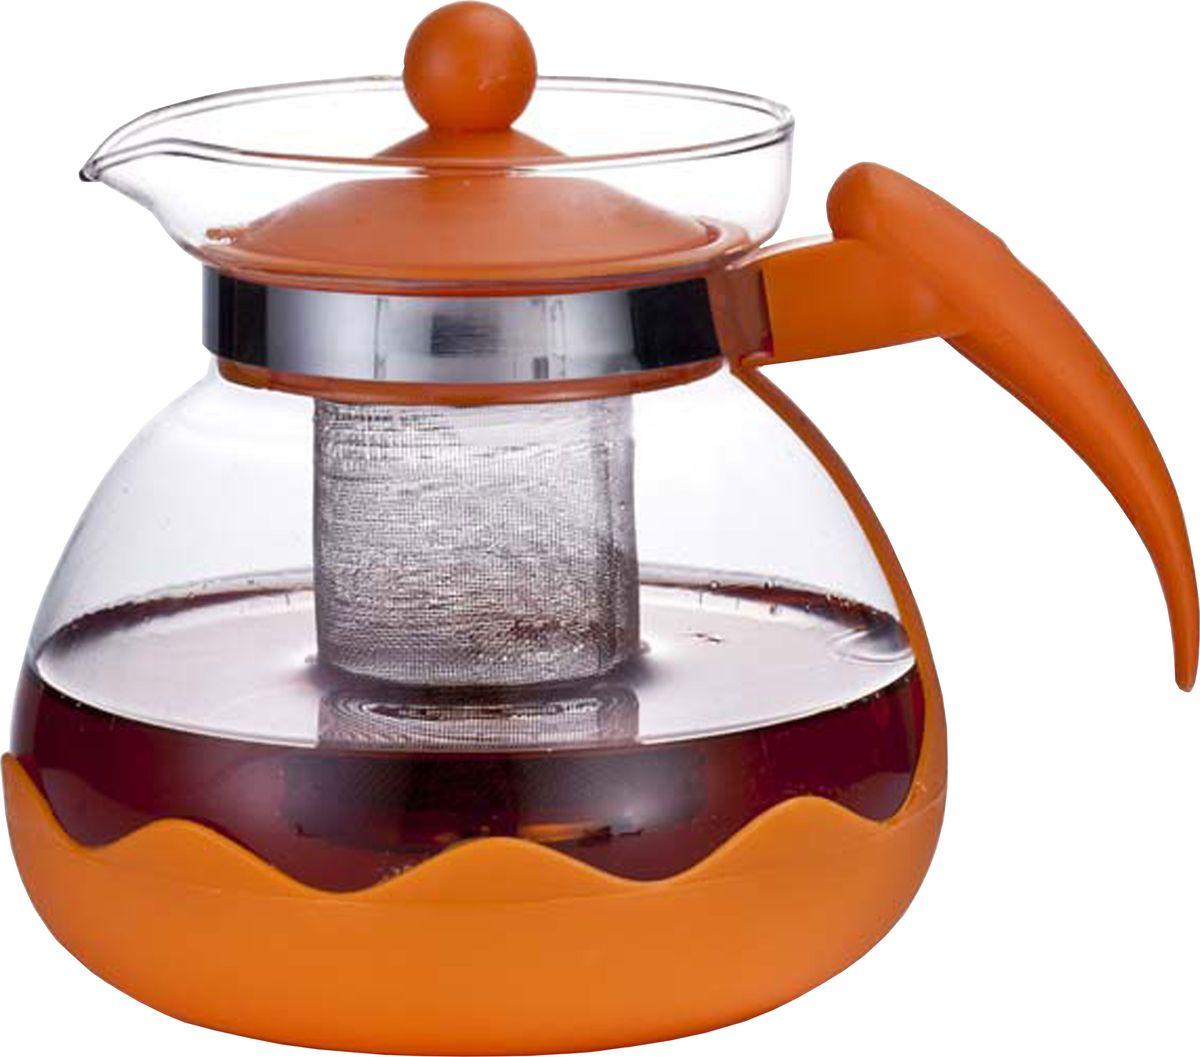 Чайник заварочный Irit, цвет: оранжевый, 1,5 лKTZ-15-004_оранжевыйЧайник заварочный 1,5л, термостойкий не нагревающийся пластик, ударостойкое жаропрочное стекло, фильтр из высококачественной хромо-никелевой нержавеющей стали. ЦВЕТ ОРАНЖЕВЫЙ